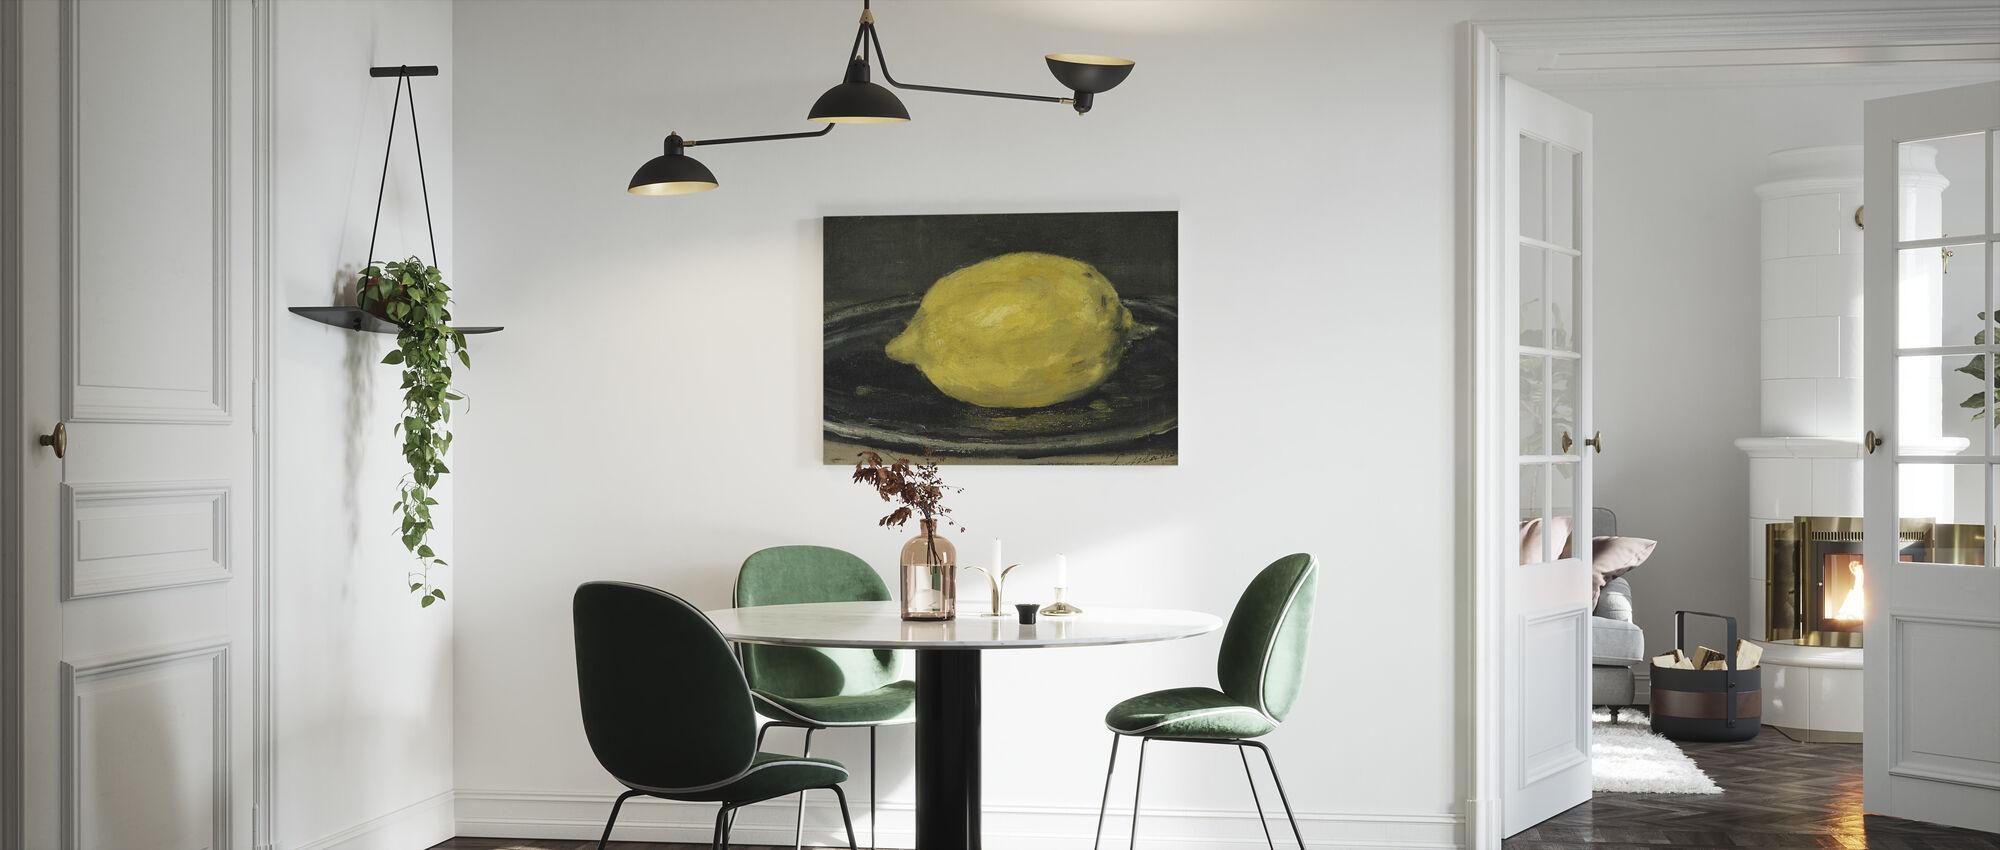 Citron, Edouard Manet - Canvastavla - Kök